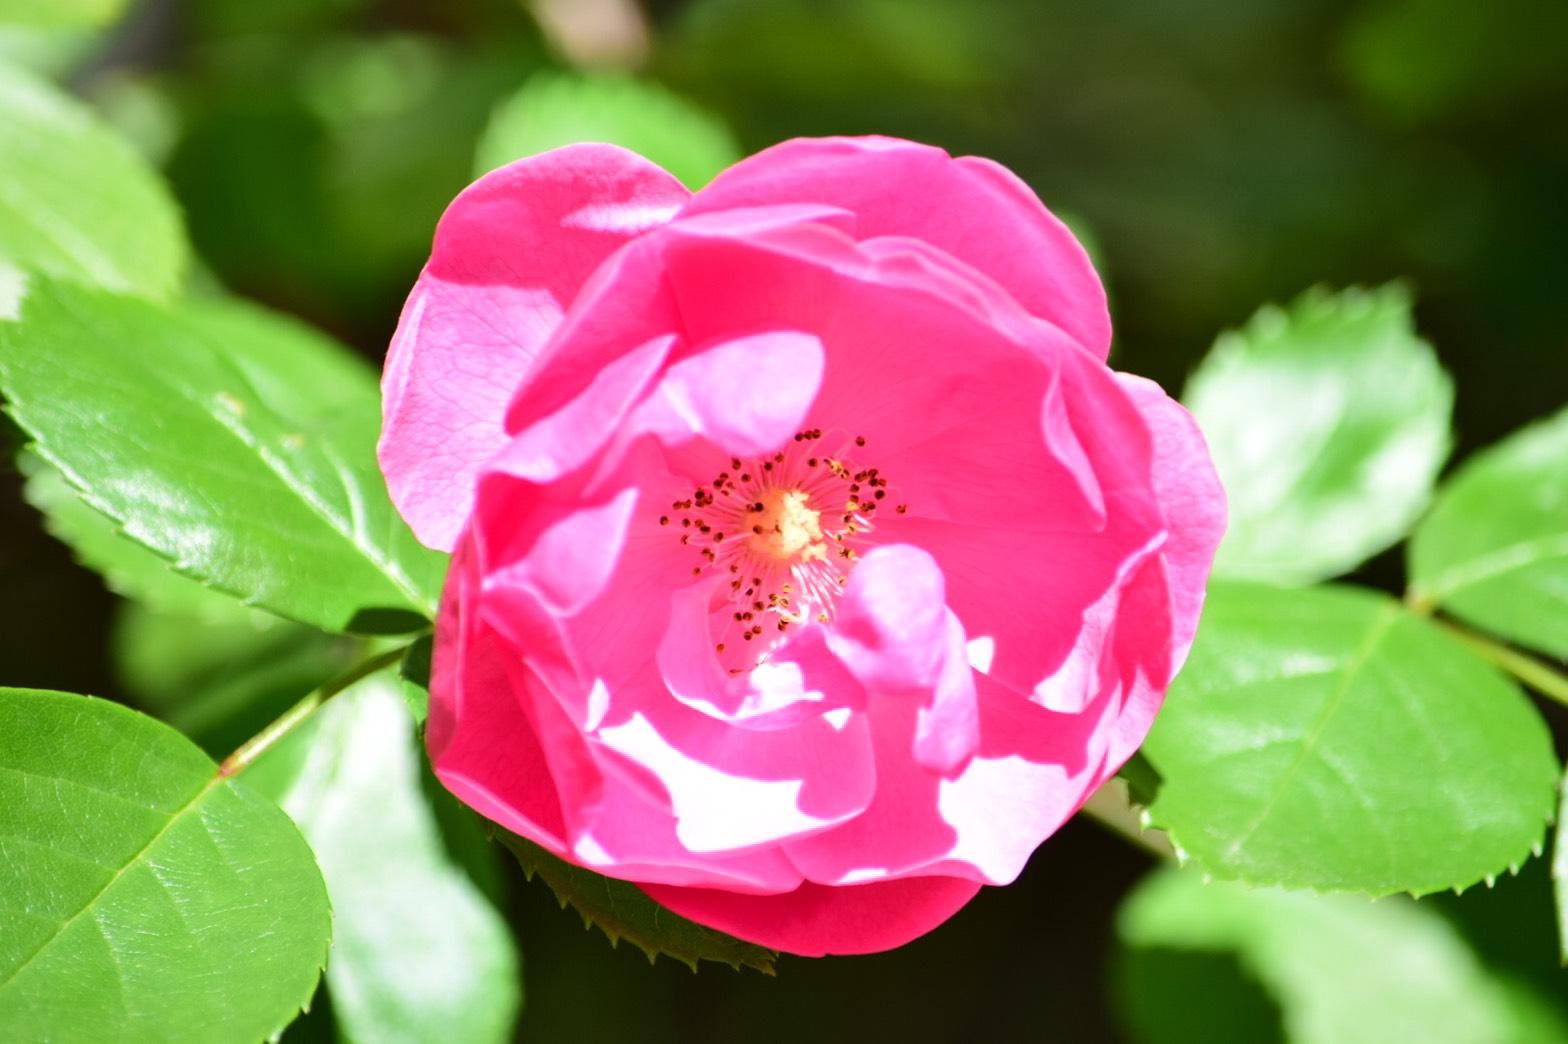 モッコウバラの赤い花